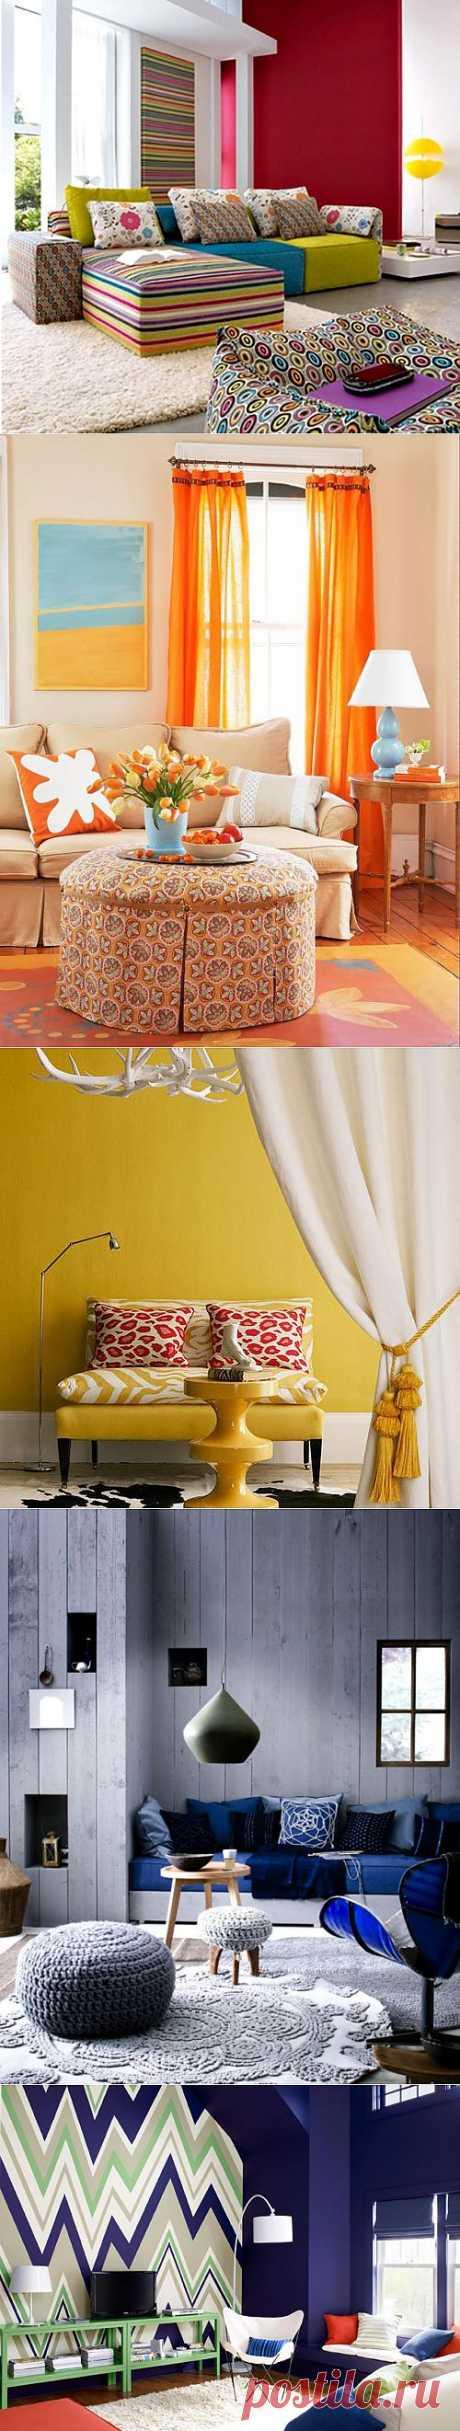 Цвет в дизайне интерьера | Официальный сайт дизайнера Галины Татаровой Design Club